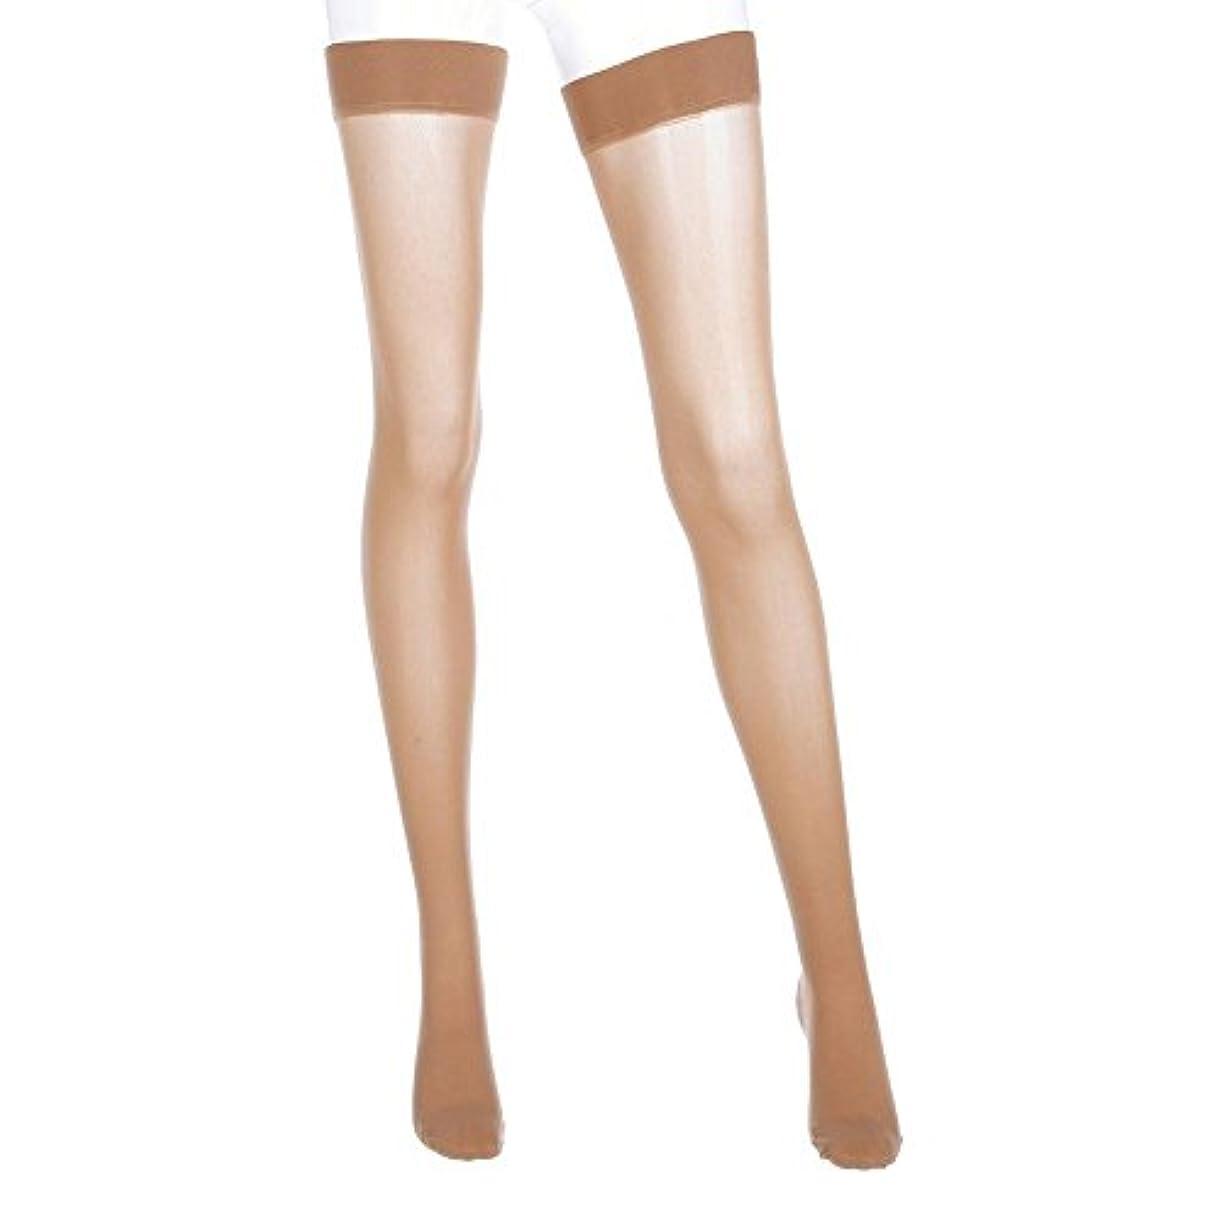 良いカセット細菌Mediven Assure, Closed Toe, with top band, 20-30 mmHg, Thigh High Compression Stocking, X-Large, Beige by Medi